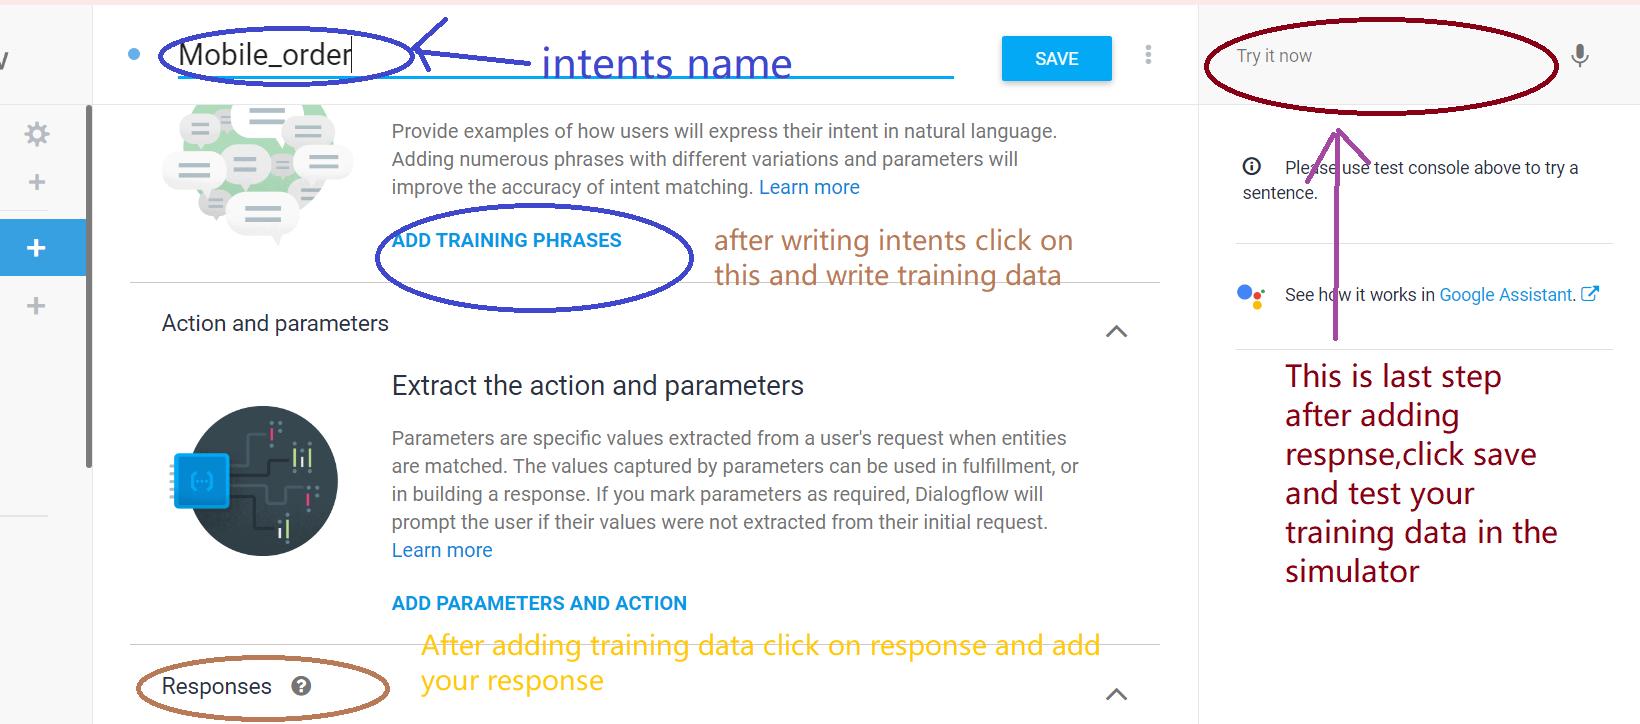 add training data